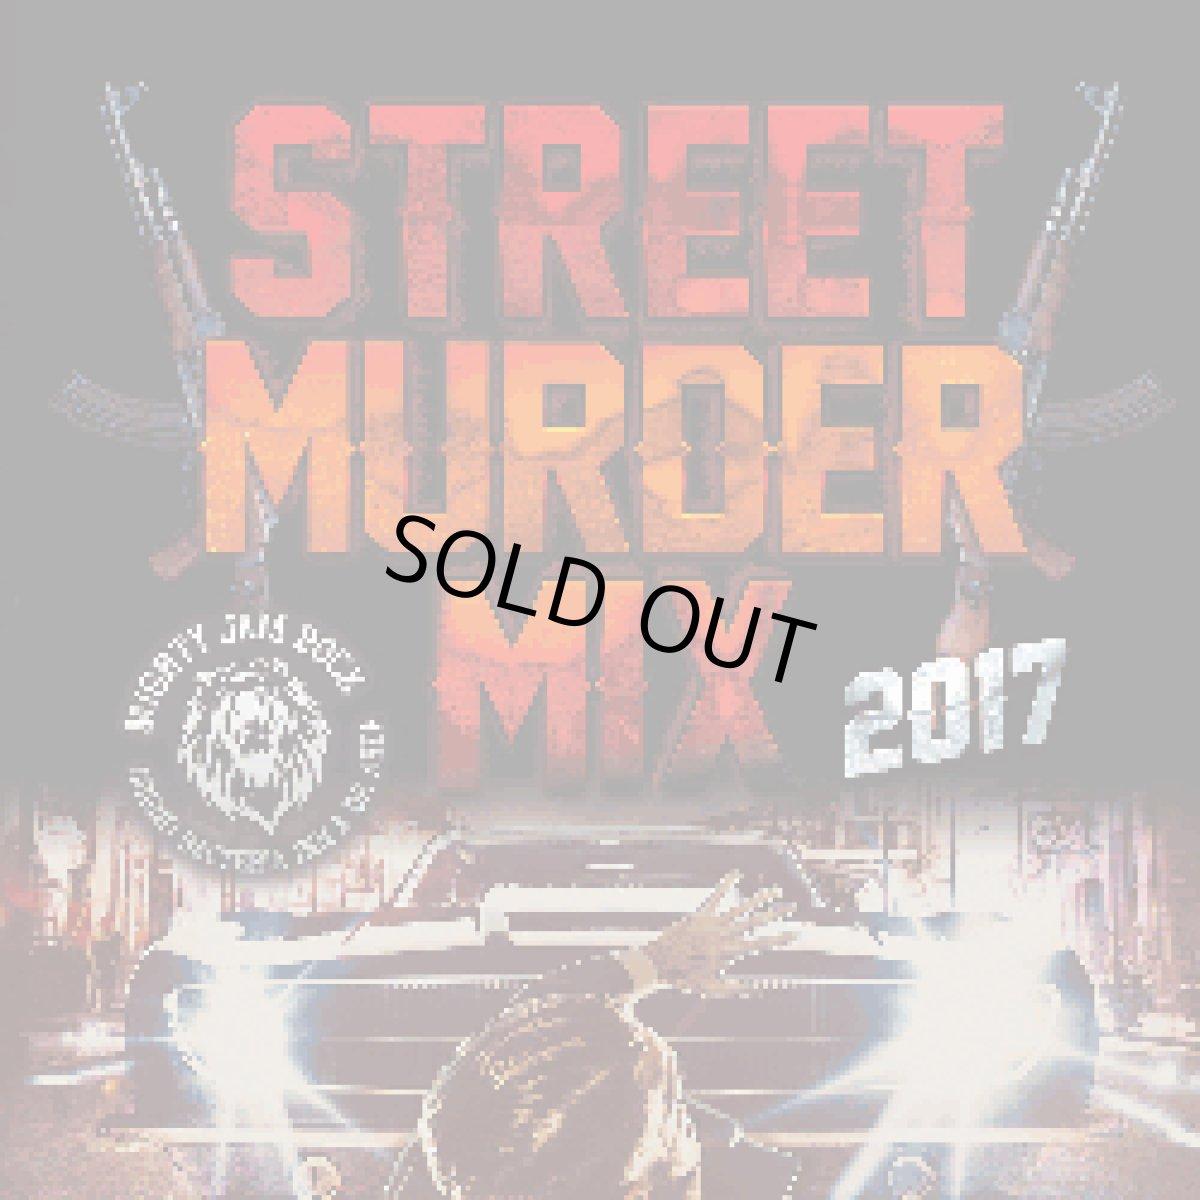 画像1: 「STREET MURDER MIX 2017」 (1)